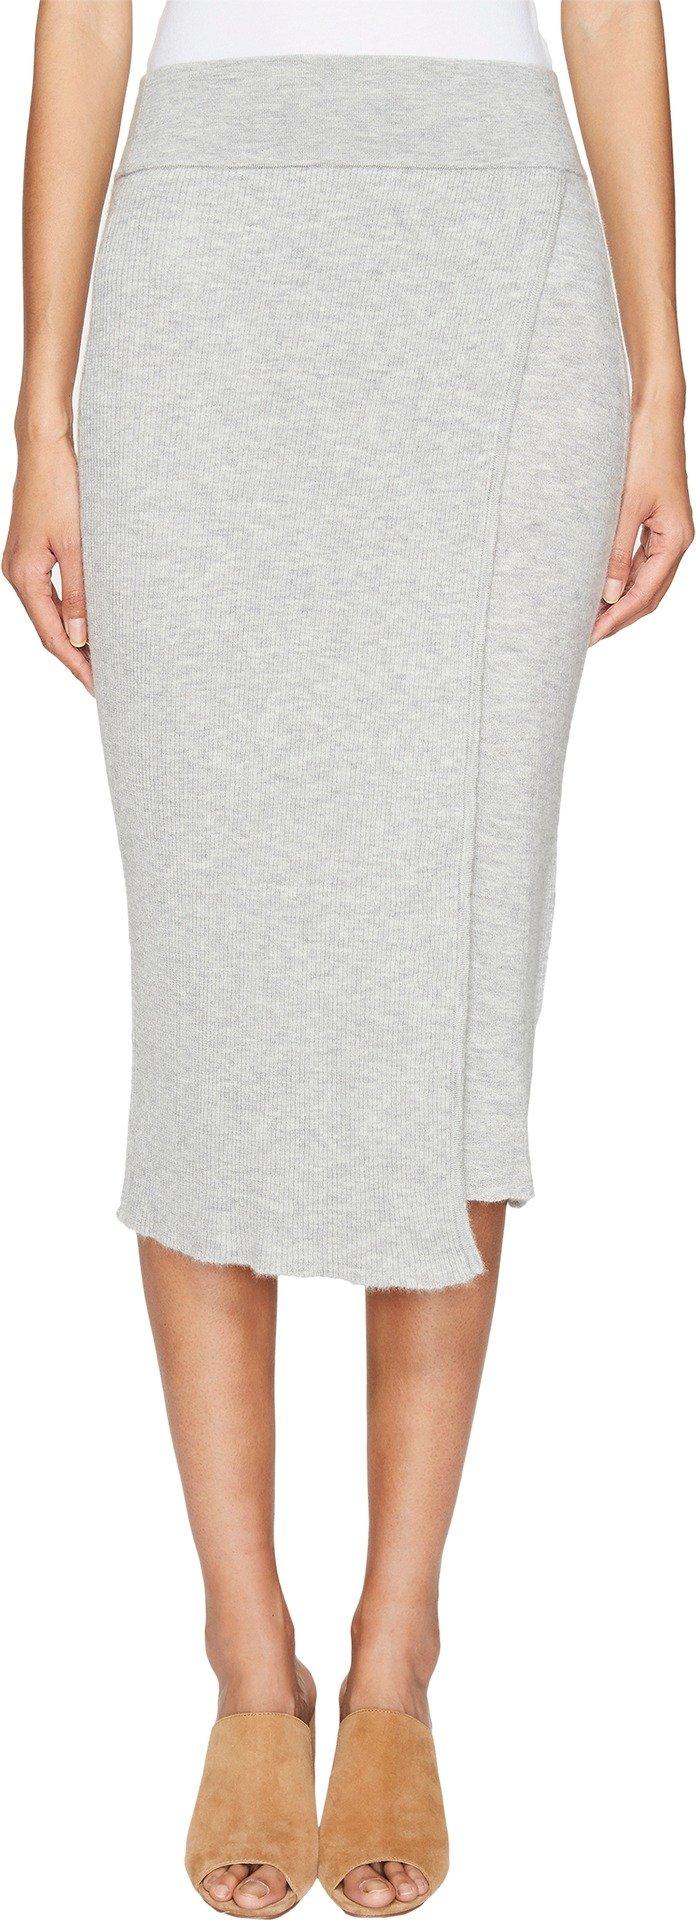 Cashmere In Love Women's Capri Ribbed Knit Skirt Melange Grey Medium